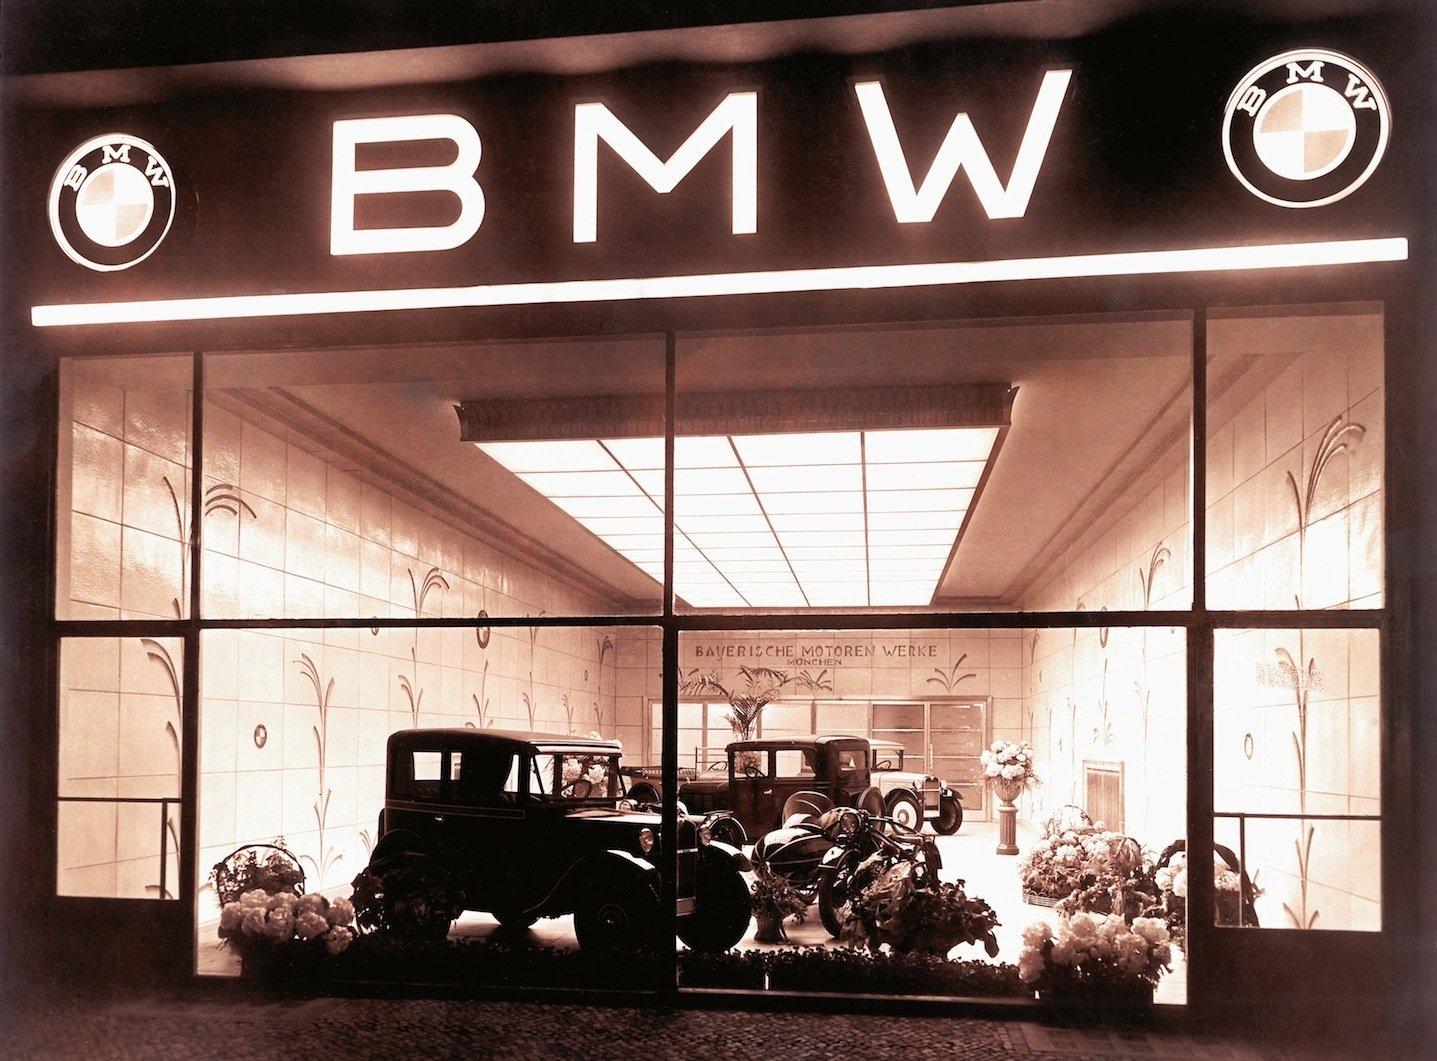 Verkaufsraum für BMW-Modelle im Jahr 1928: Damals steigt BMW, zuvor Hersteller von Flugzeugmotoren, ins Autogeschäft ein.